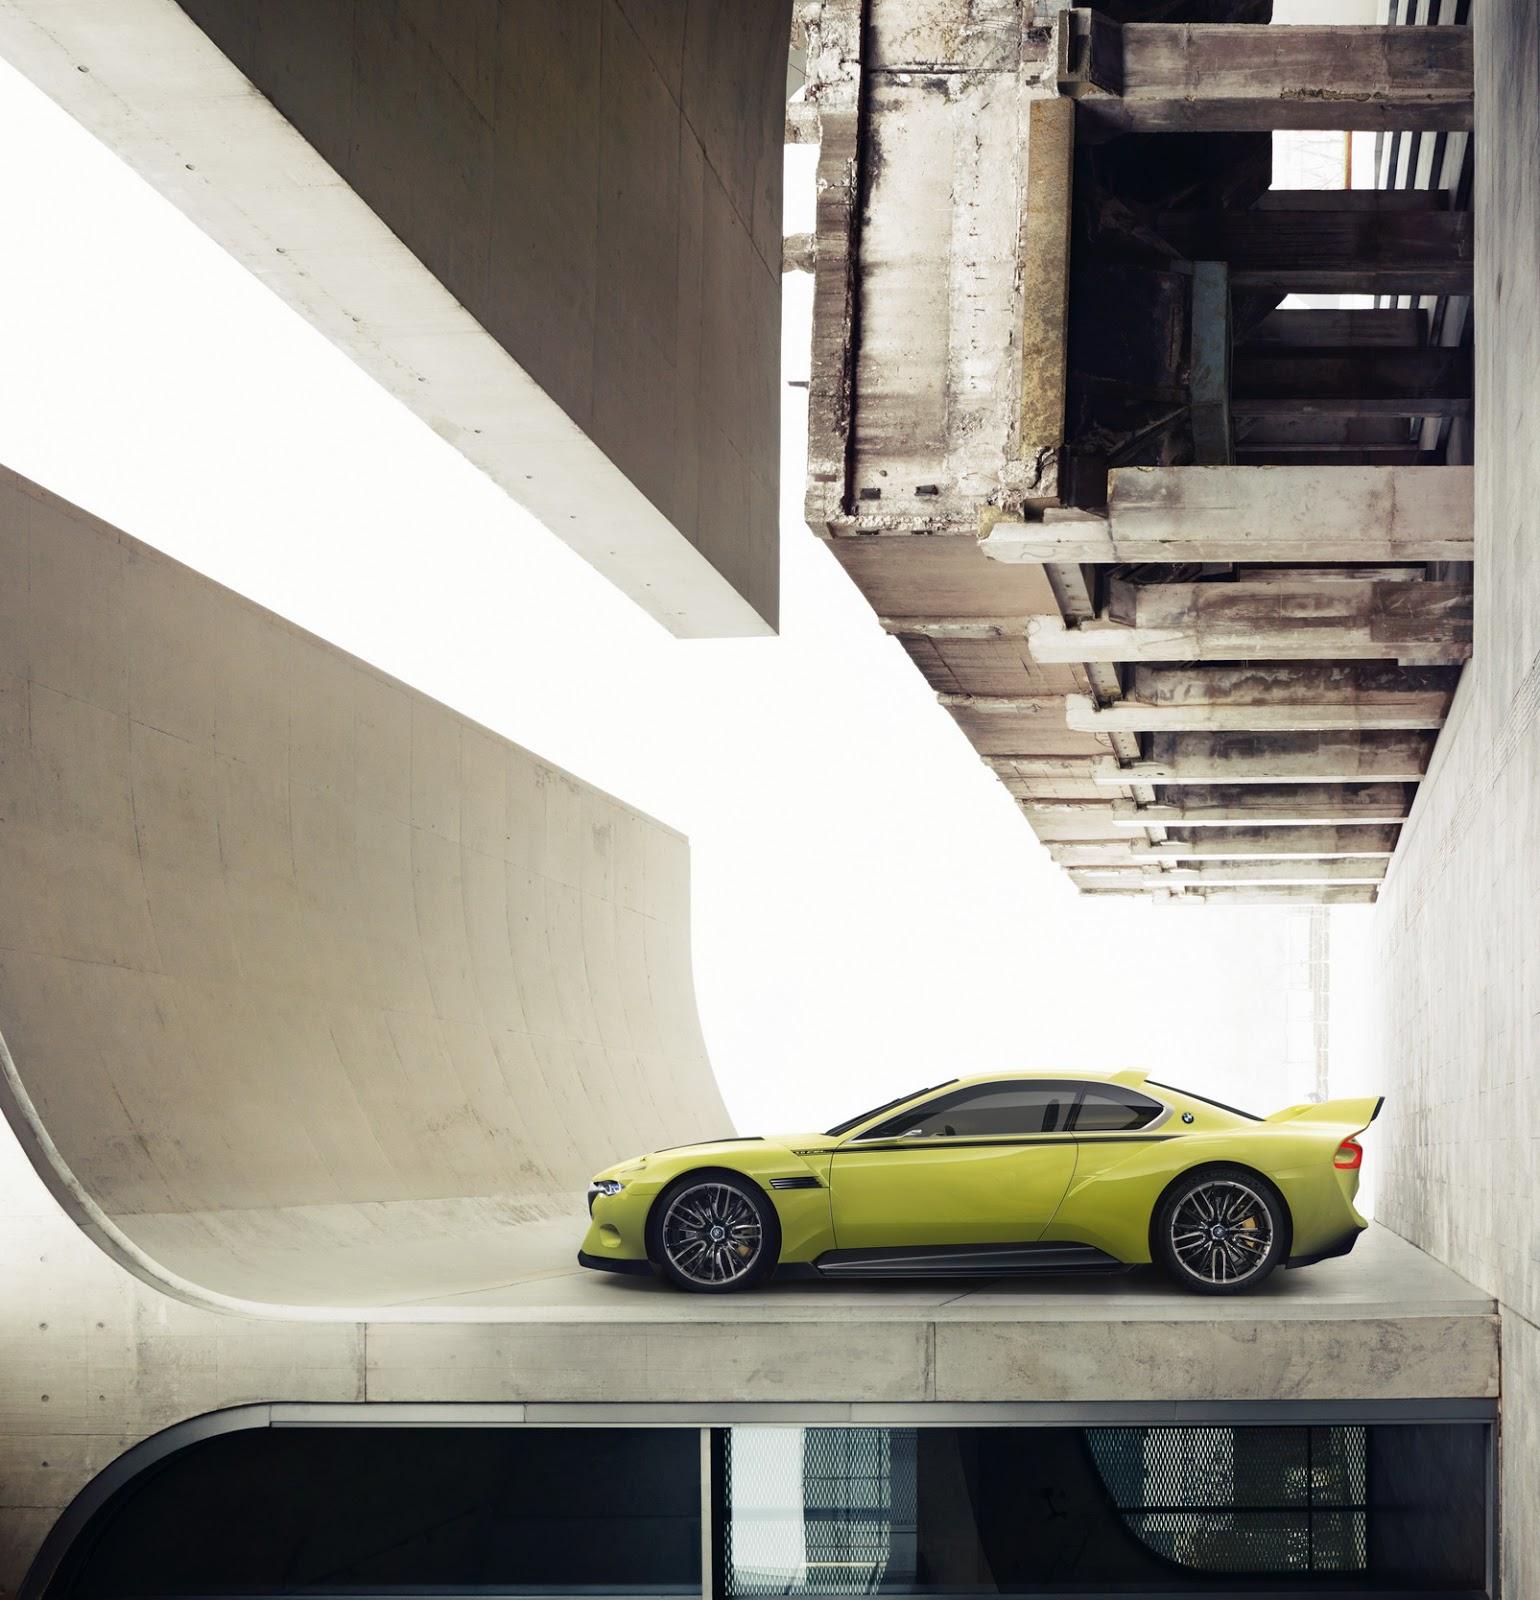 2015 -[BMW] 3.0 CSL Hommage - Page 2 BMW-3-0-CSL-Hommage-13